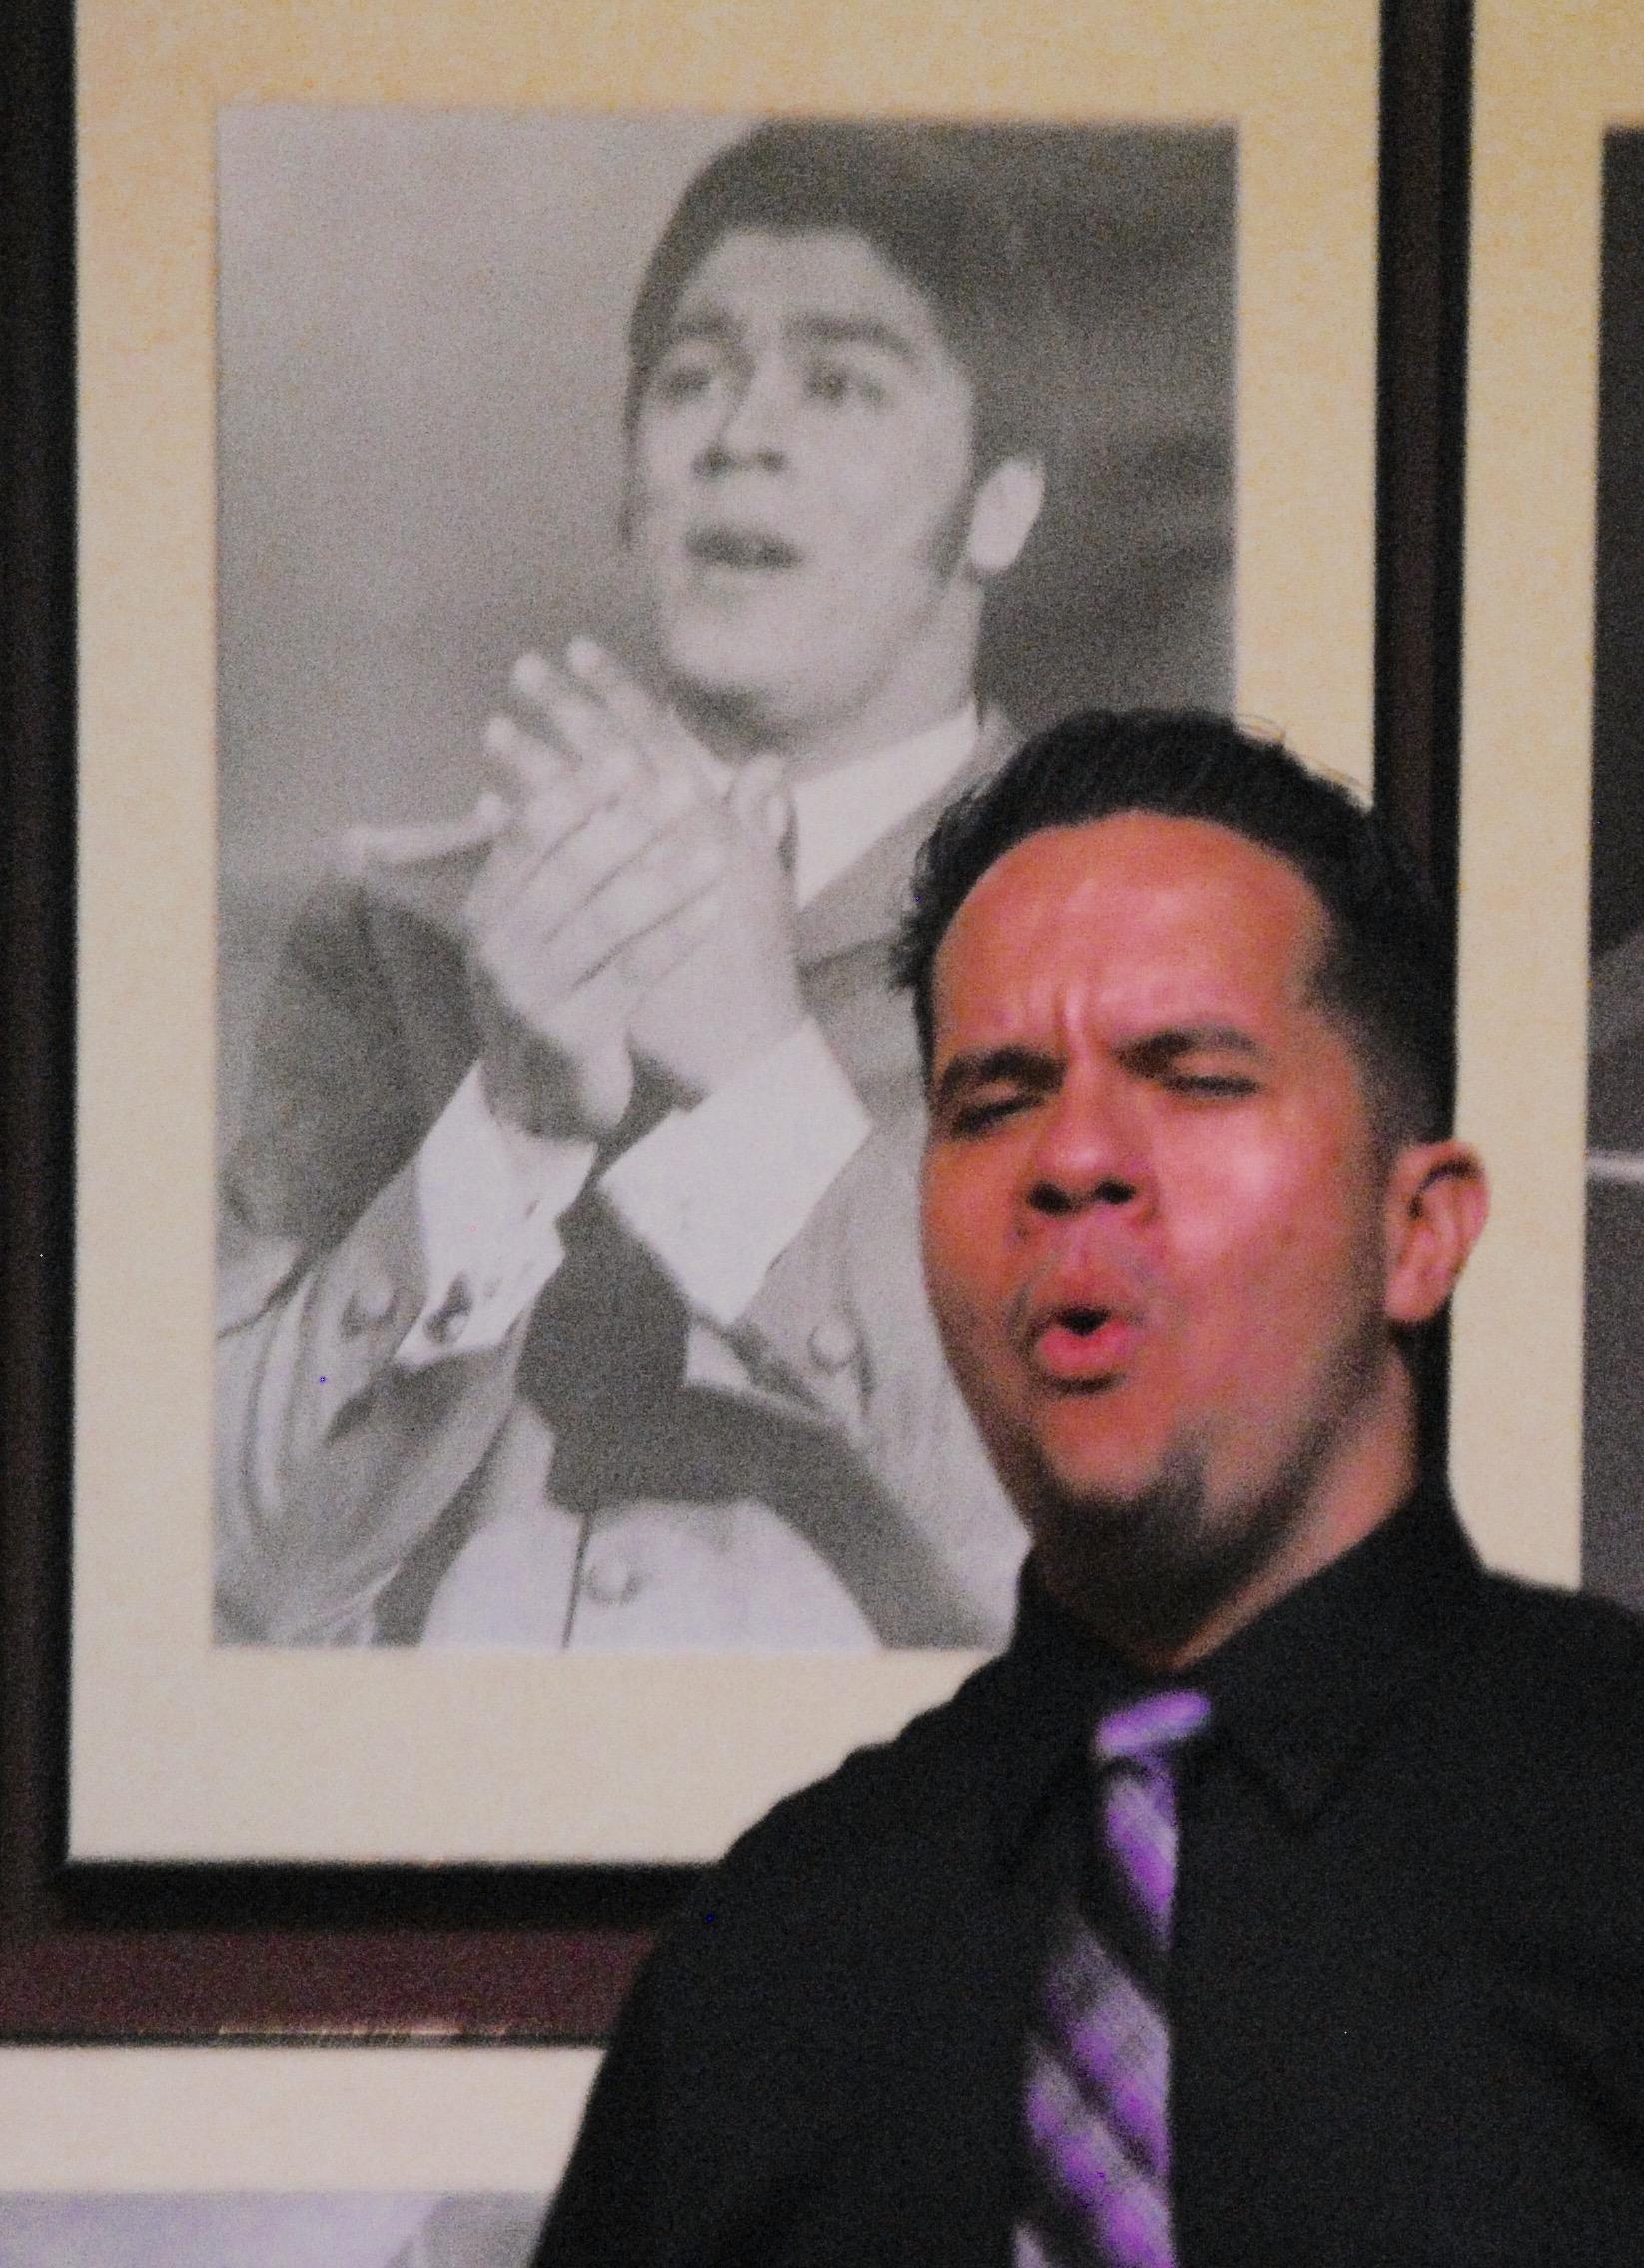 Robles interpretó danzas clásicas y modernas. (Foto Jaime Torres Torres para Fundación Nacional para la Cultura Popular)